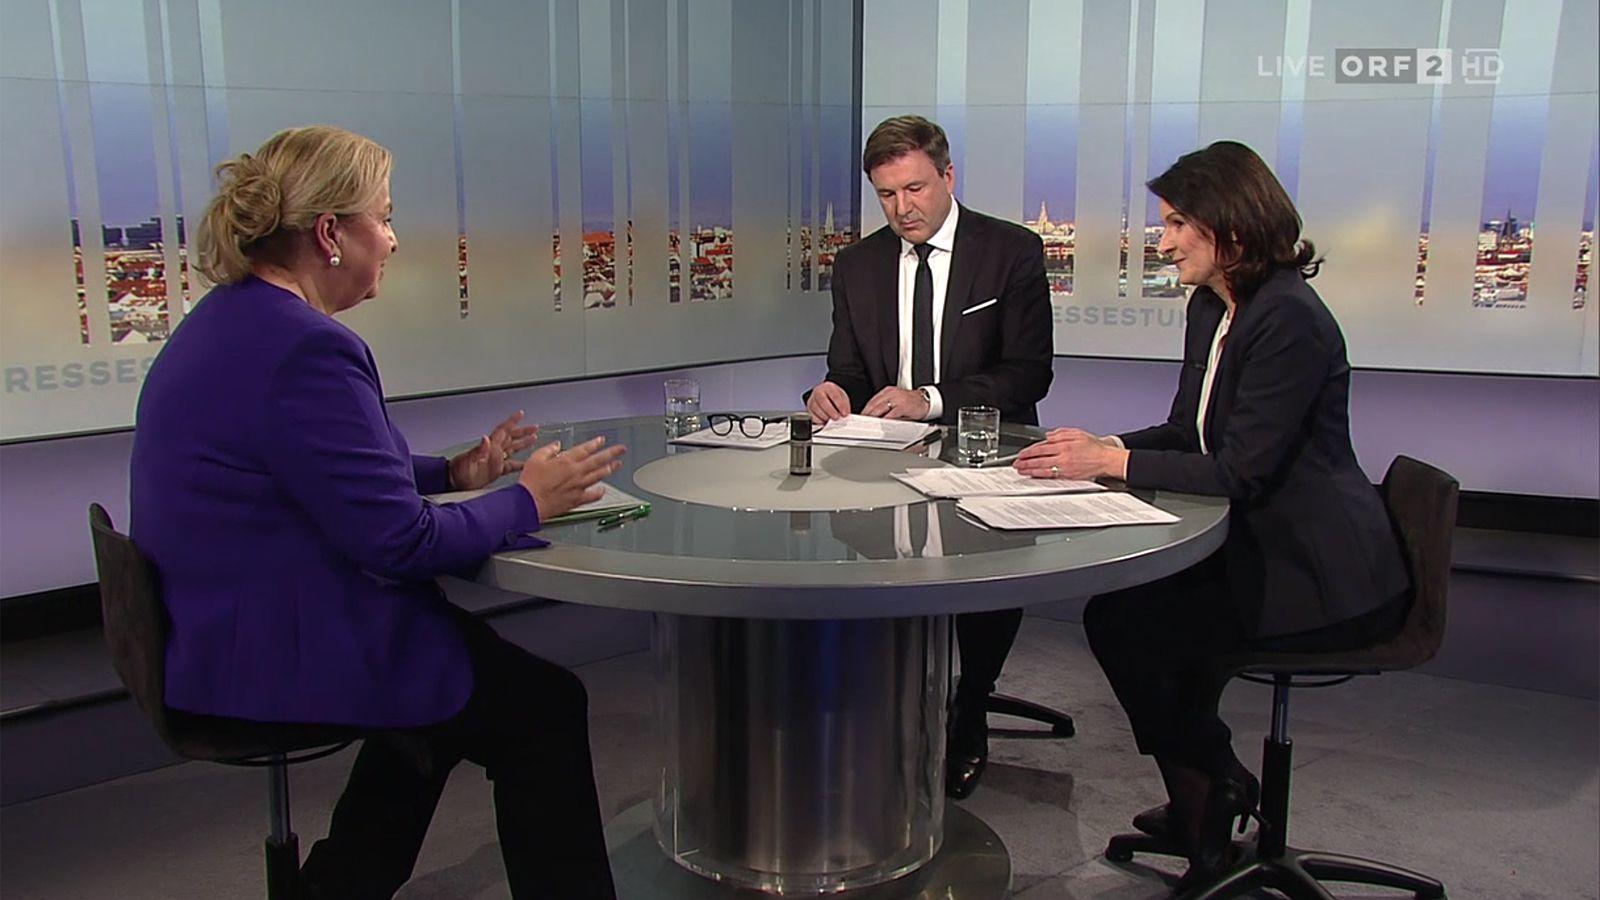 """In der """"Pressestunde"""" stellt sich Gast den Fragen je eines Print- und eines ORF-Journalisten. Am Sonntag wurde Ministerin Beate Hartinger-Klein von Annette Gantner(""""Oberösterreichische Nachrichten"""") und Andreas Mayer-Bohusch (ORF) befragt."""